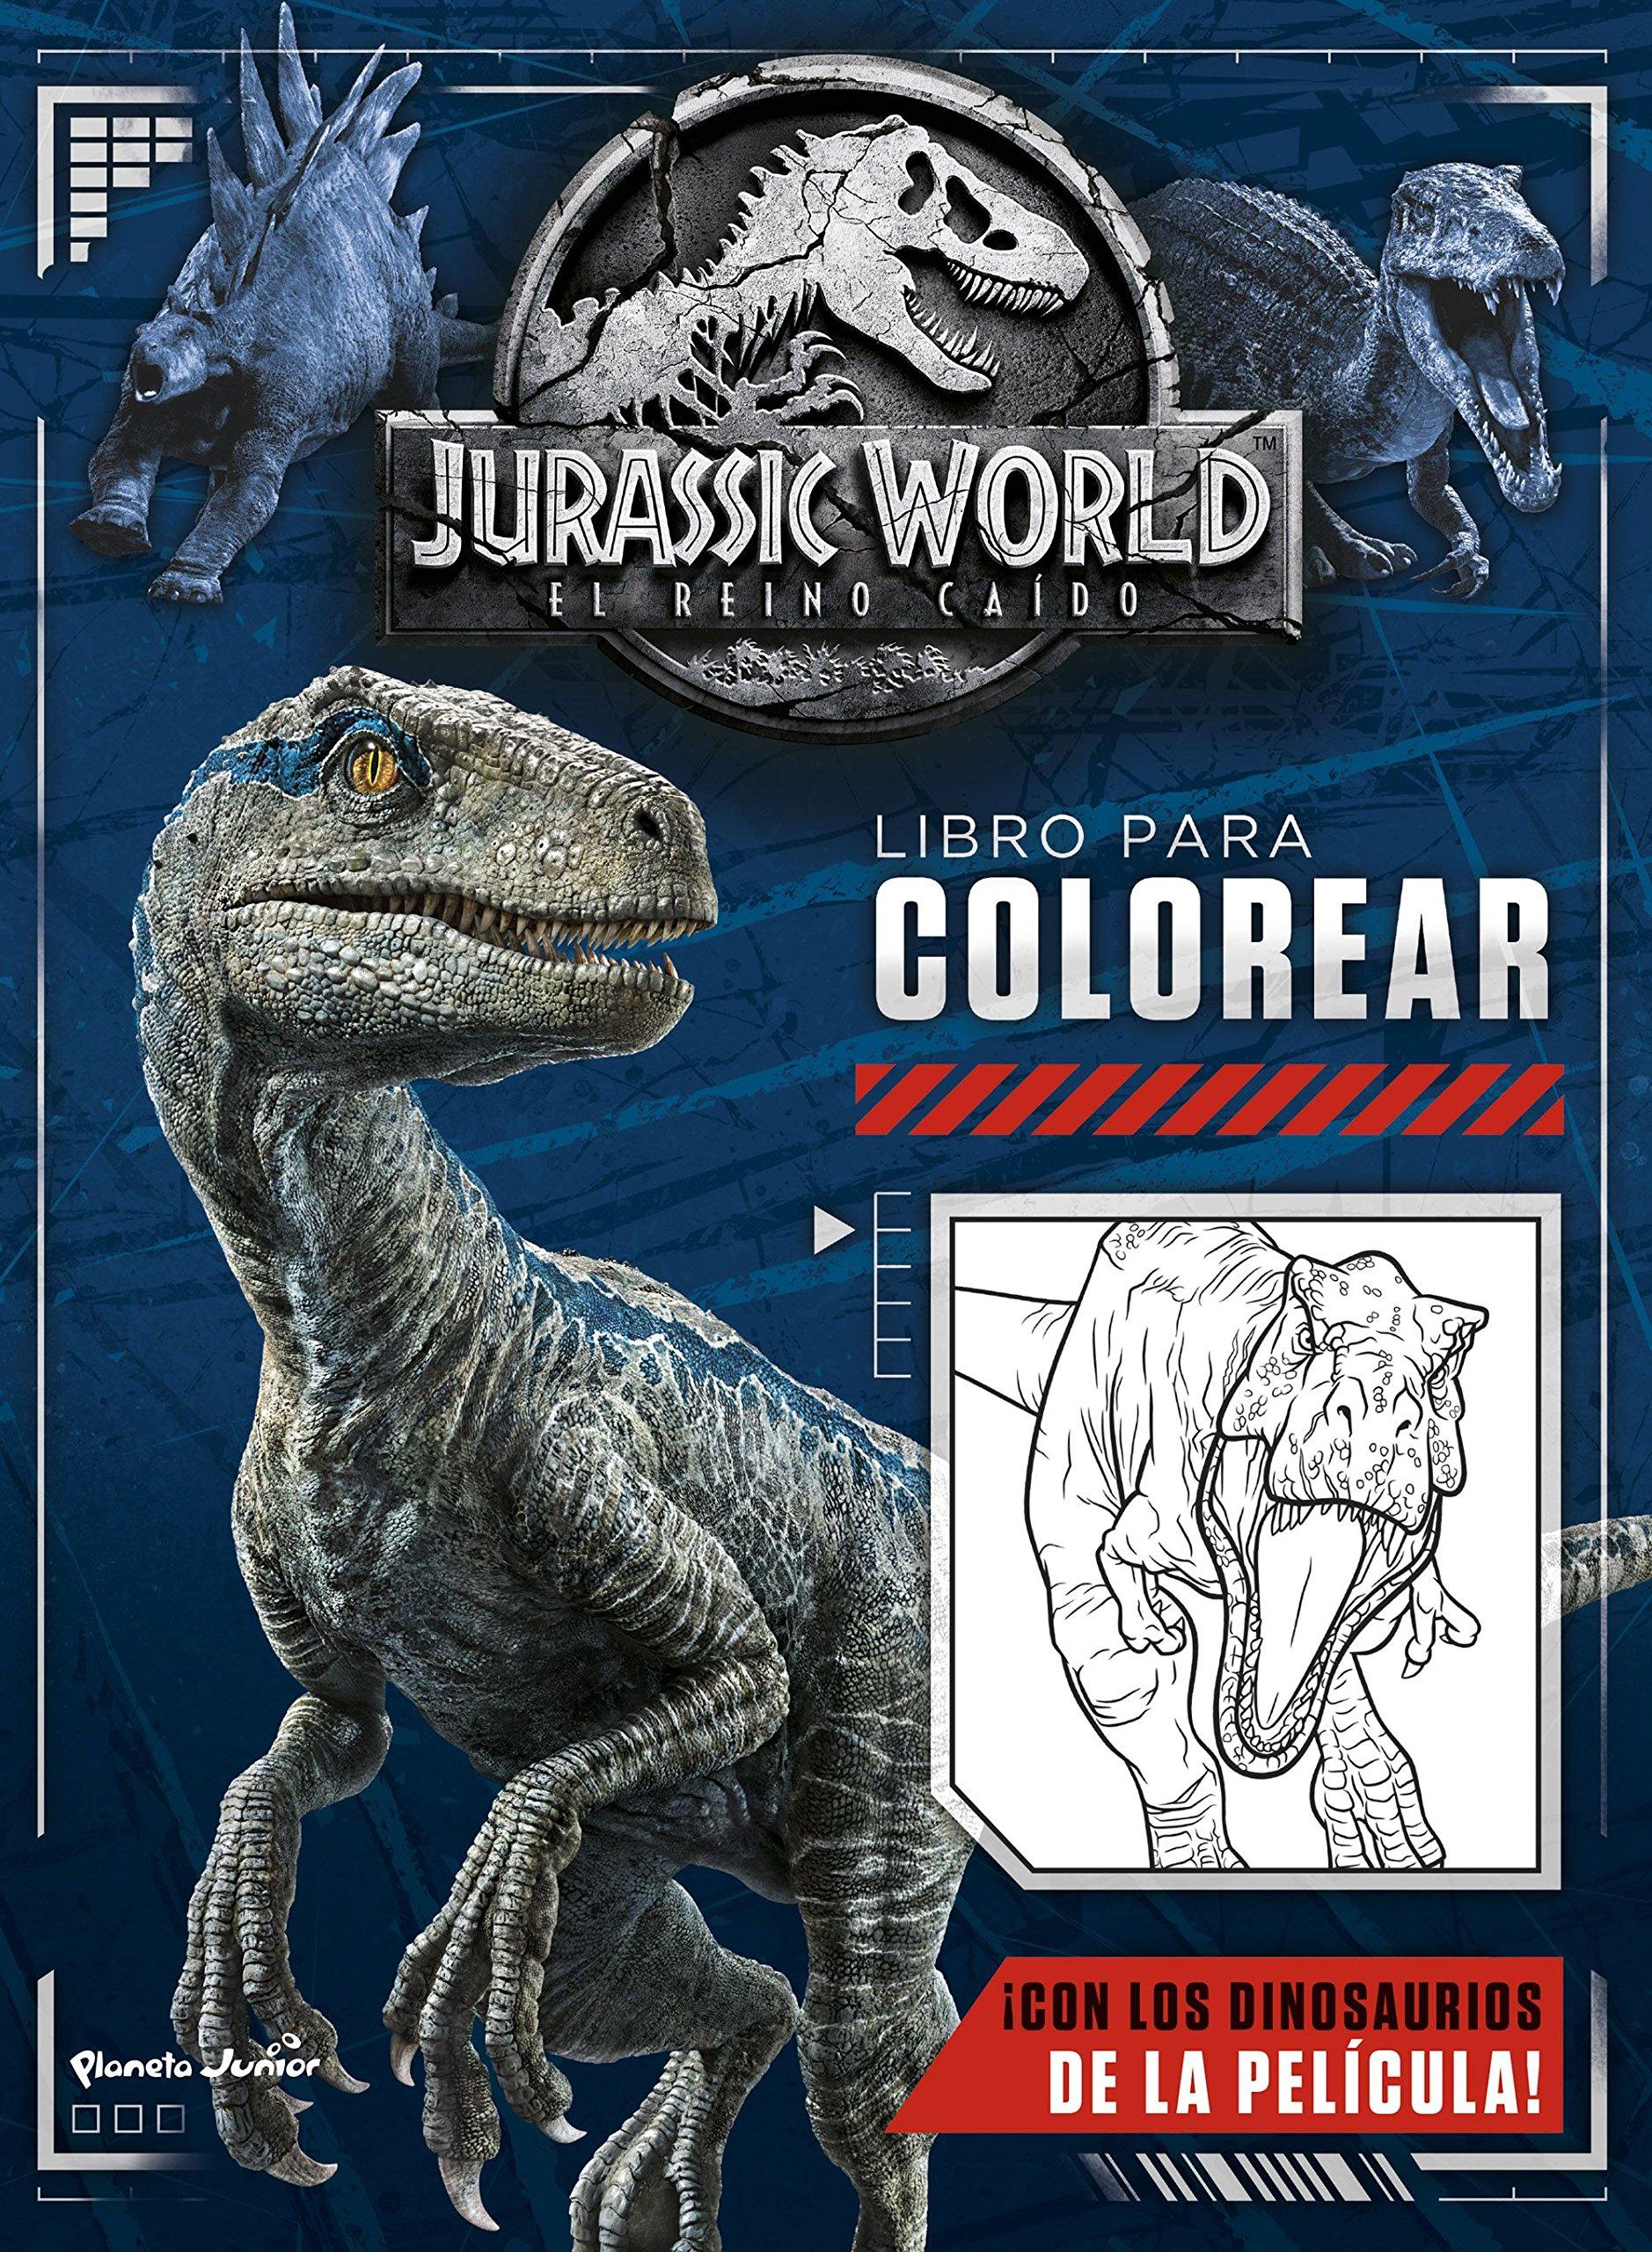 Jurassic World El Reino Caído Libro Para Colorear Amazones